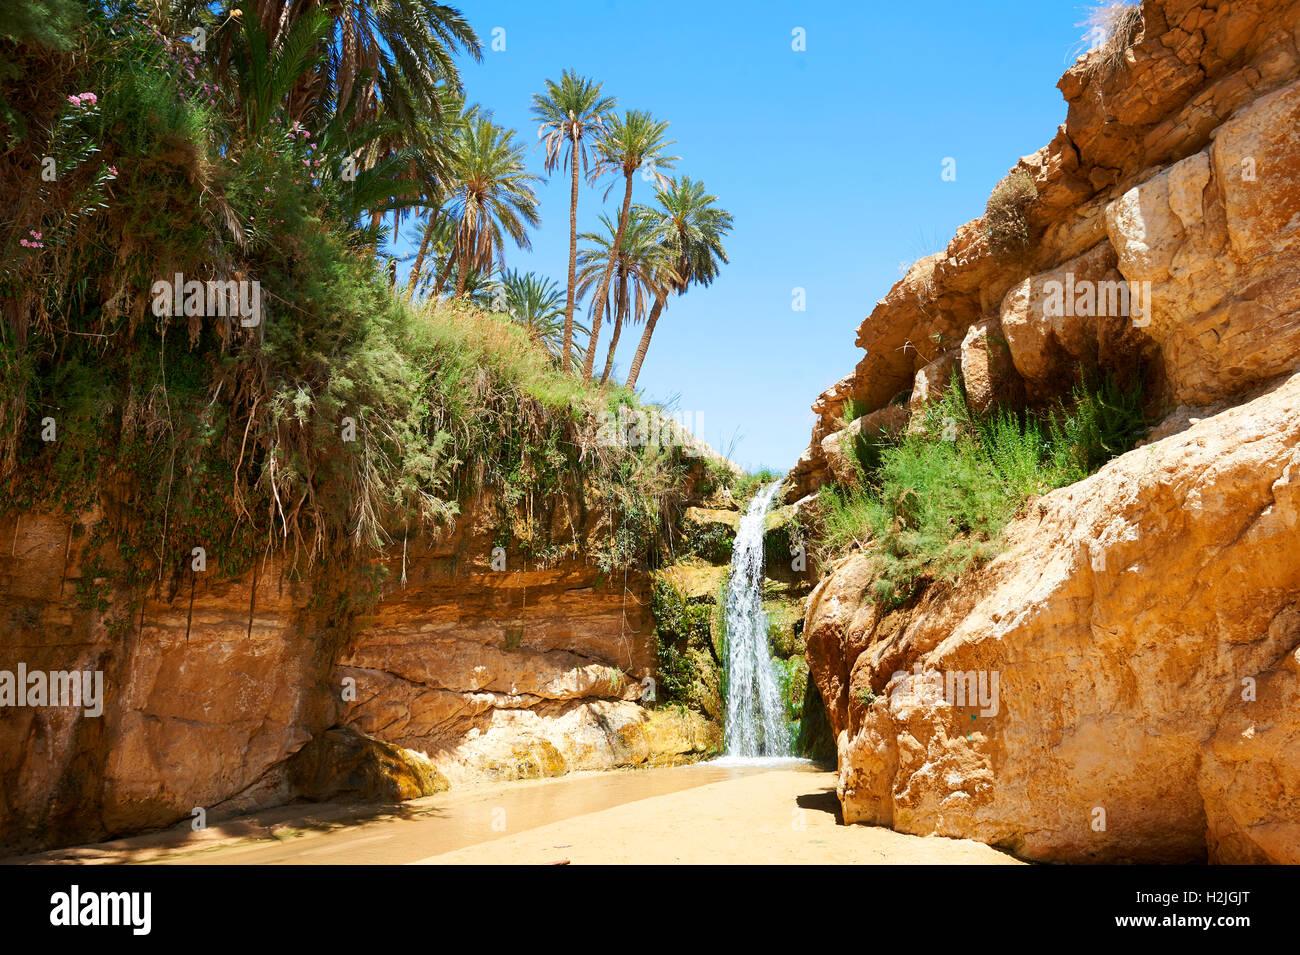 Mides Gorge cascada entre las palmeras del desierto del Sahara oasis de Mides, Túnez, África del Norte Imagen De Stock